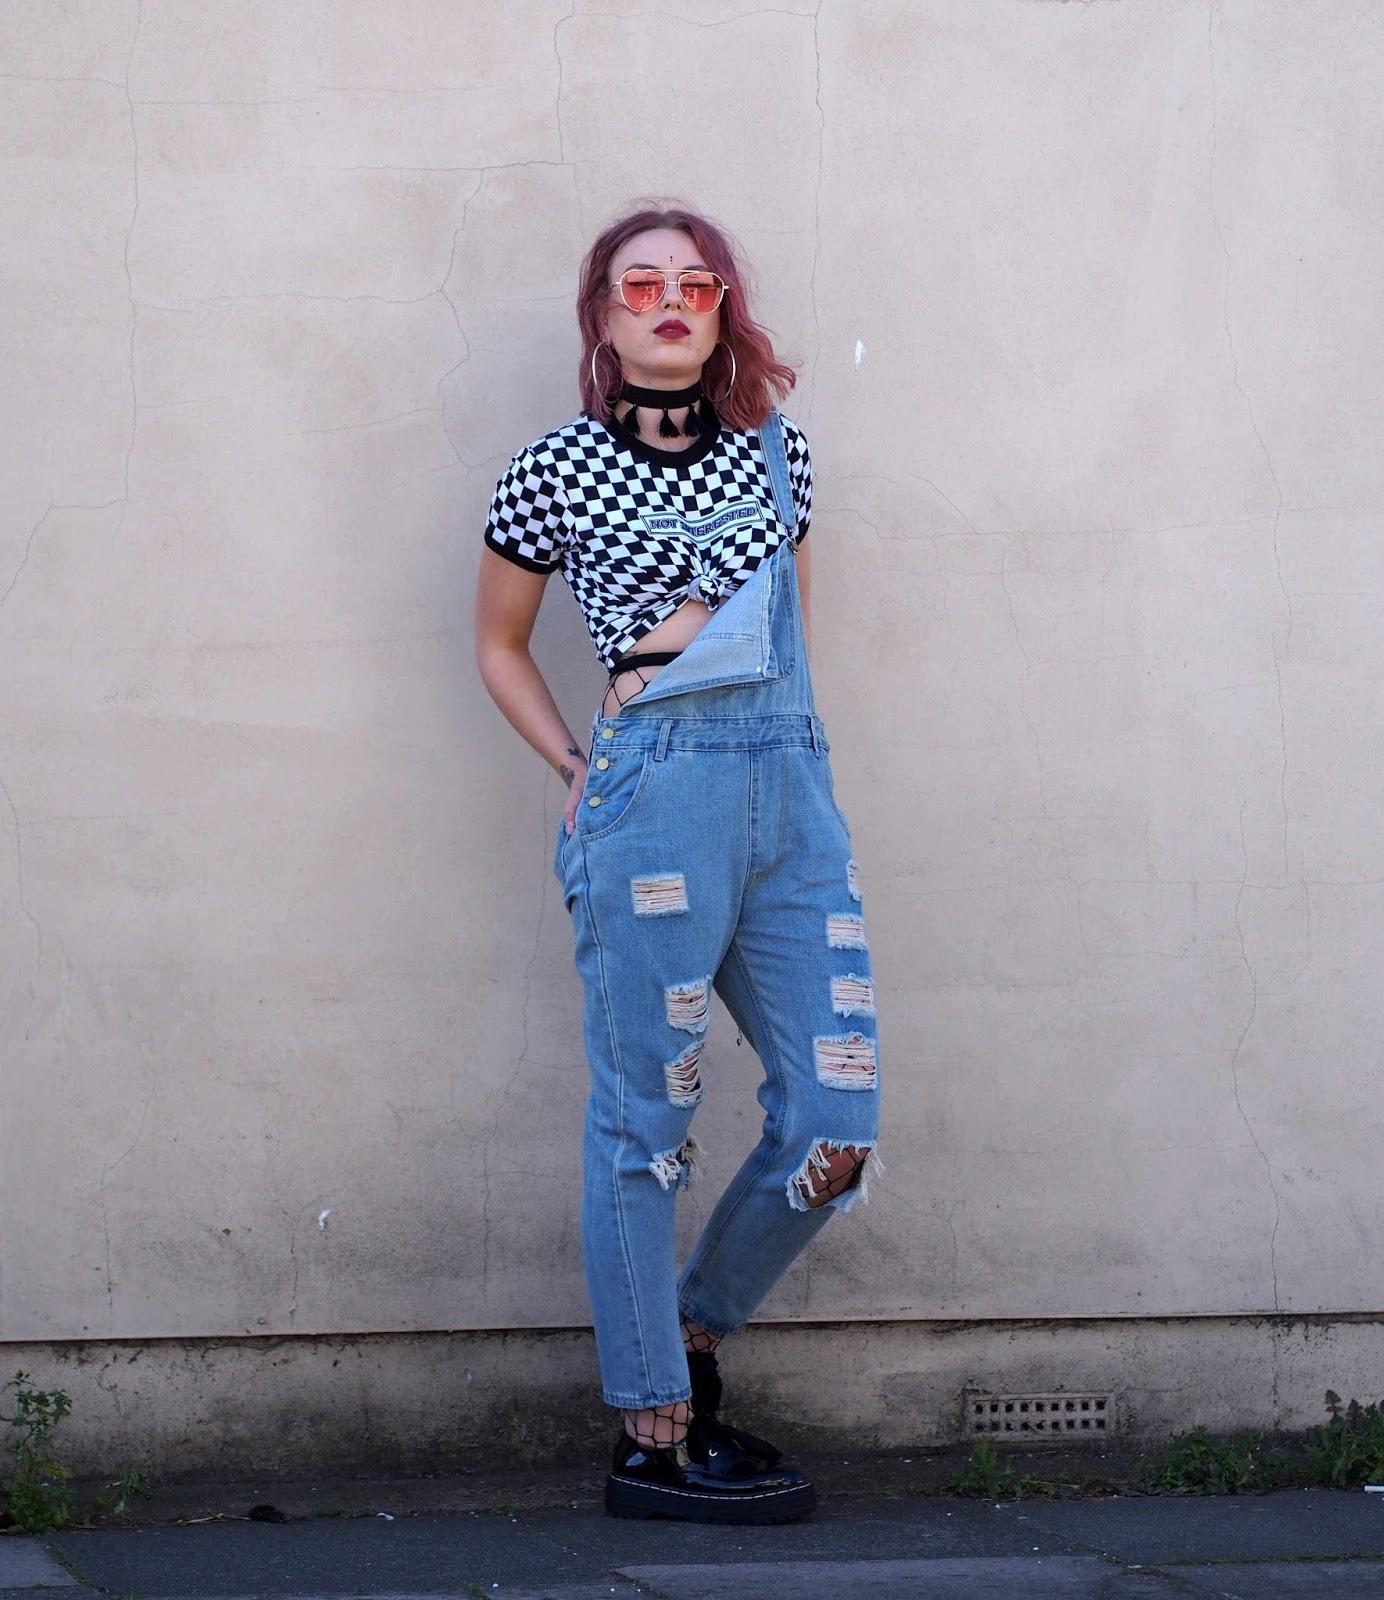 london street style, how to style fishnets,uk fashion blogger, grunge outfits, grunge blogger, uk fashion blogger, street style blogger, london fashion blogger